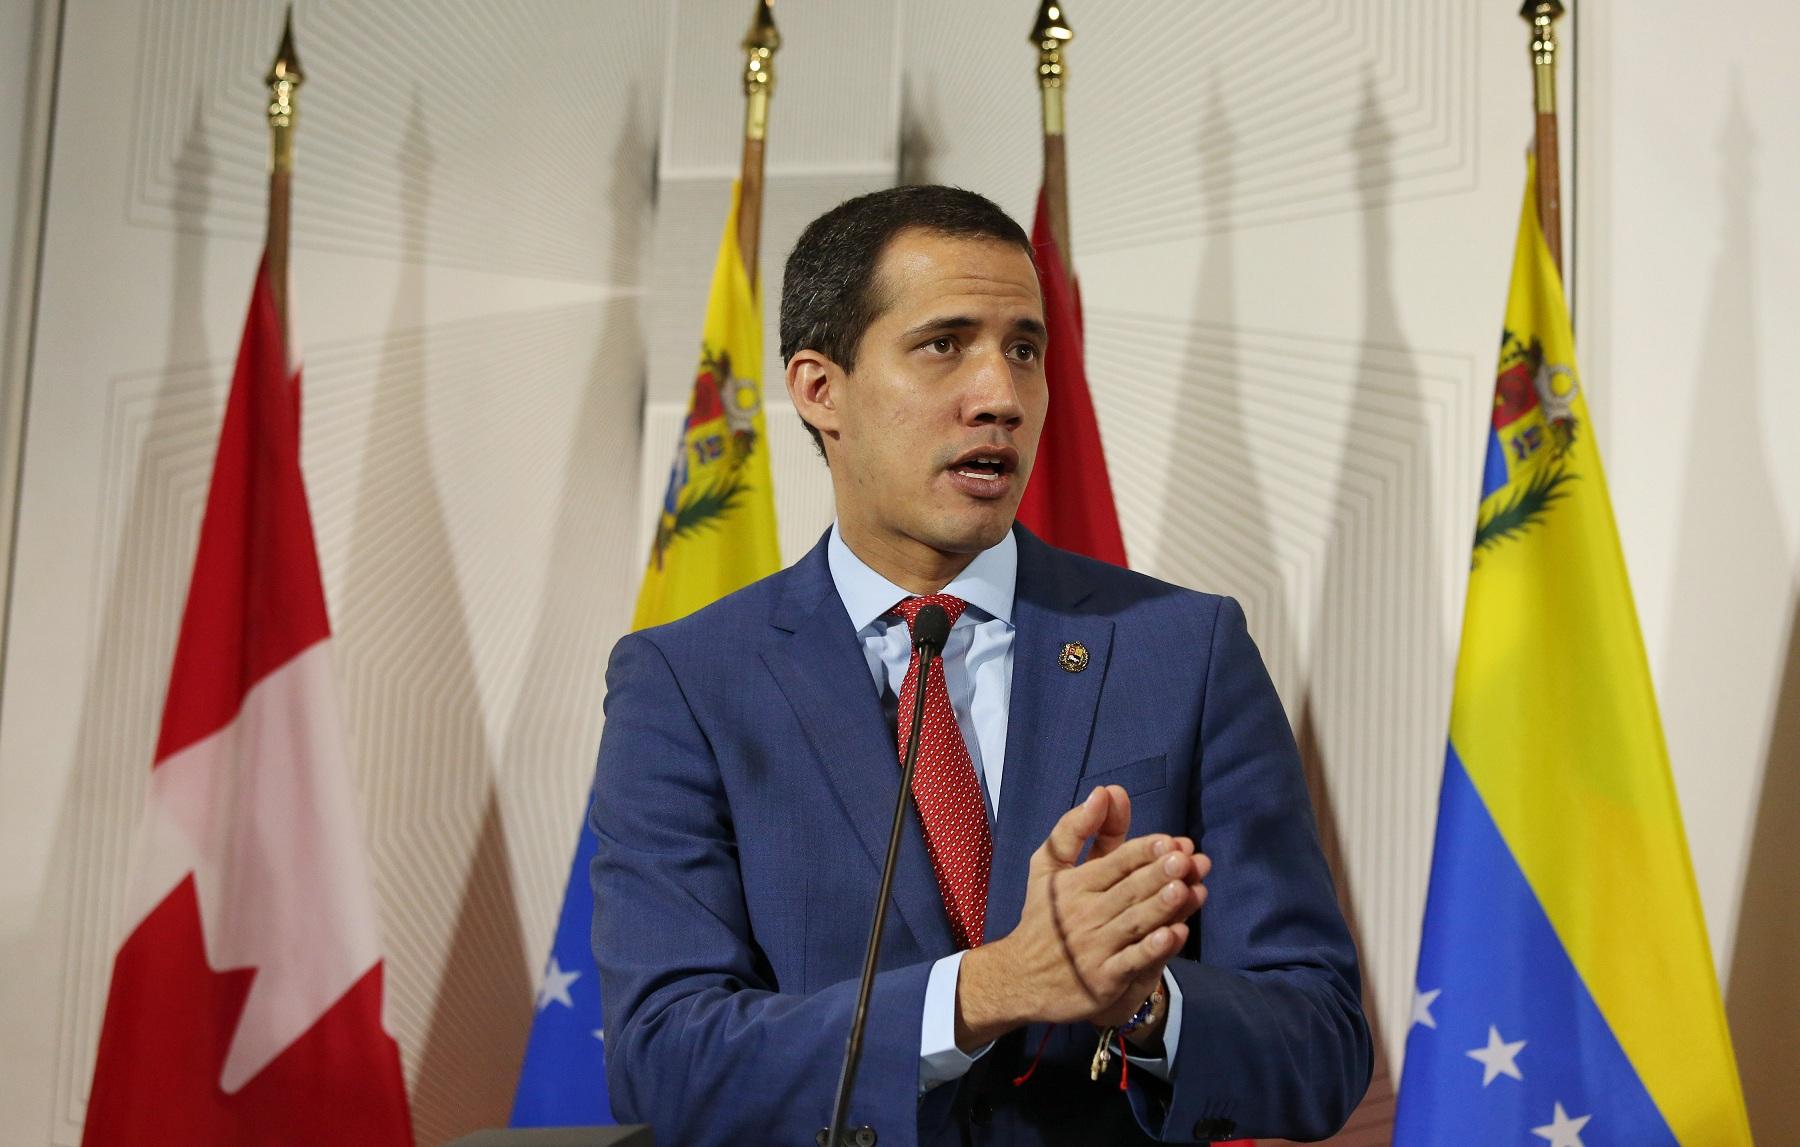 Embajador de Guaidó en Colombia pide a venezolanos que no regresen a su país